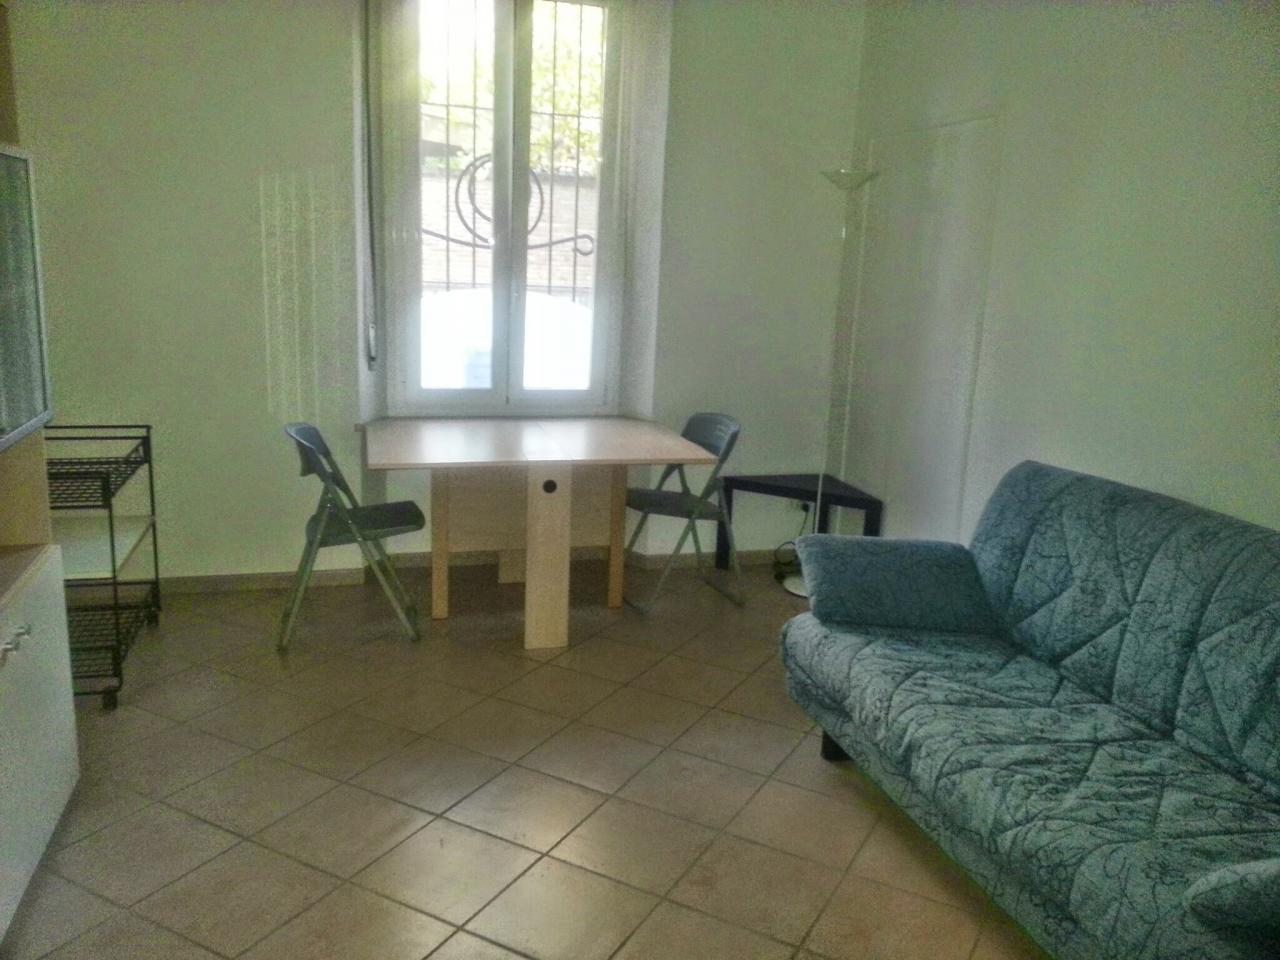 Appartamento in affitto a Casale Monferrato, 2 locali, prezzo € 350 | CambioCasa.it